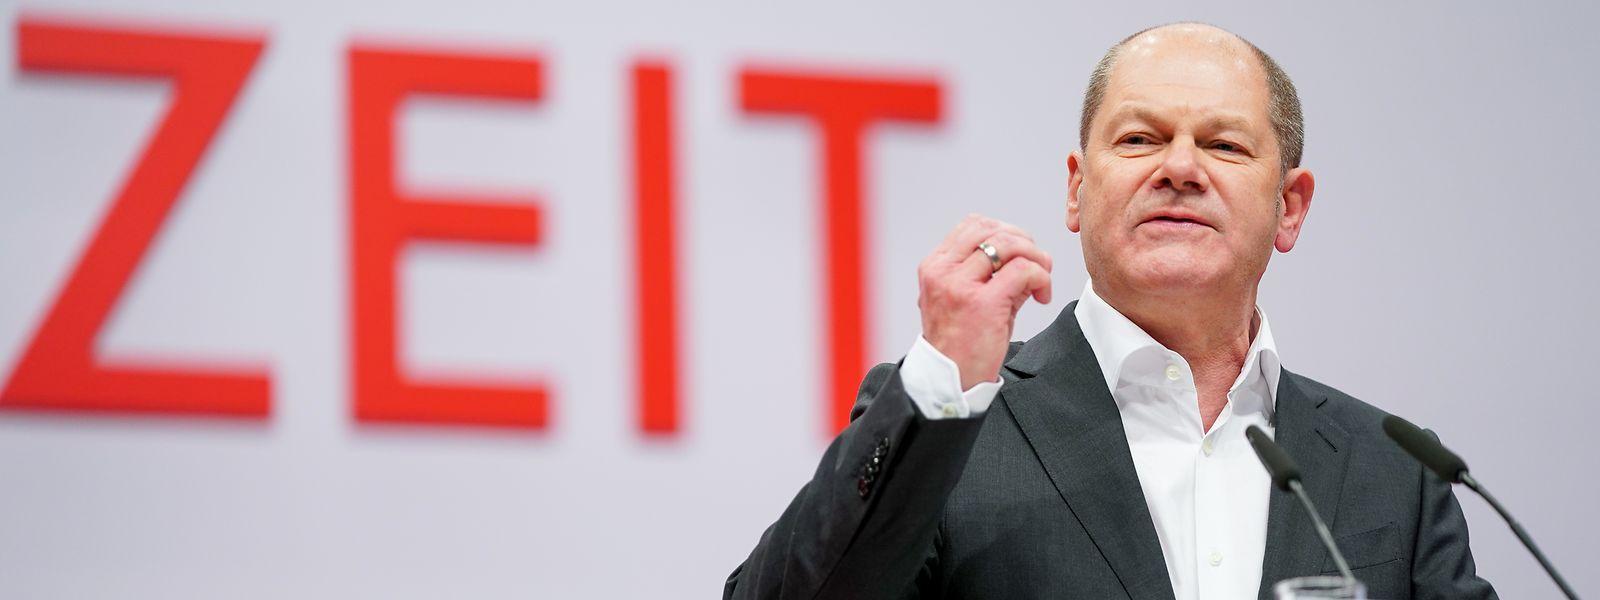 Olaf Scholz, stellvertretender Vorsitzender der SPD und Bundesminister der Finanzen, spricht beim SPD-Bundesparteitag.